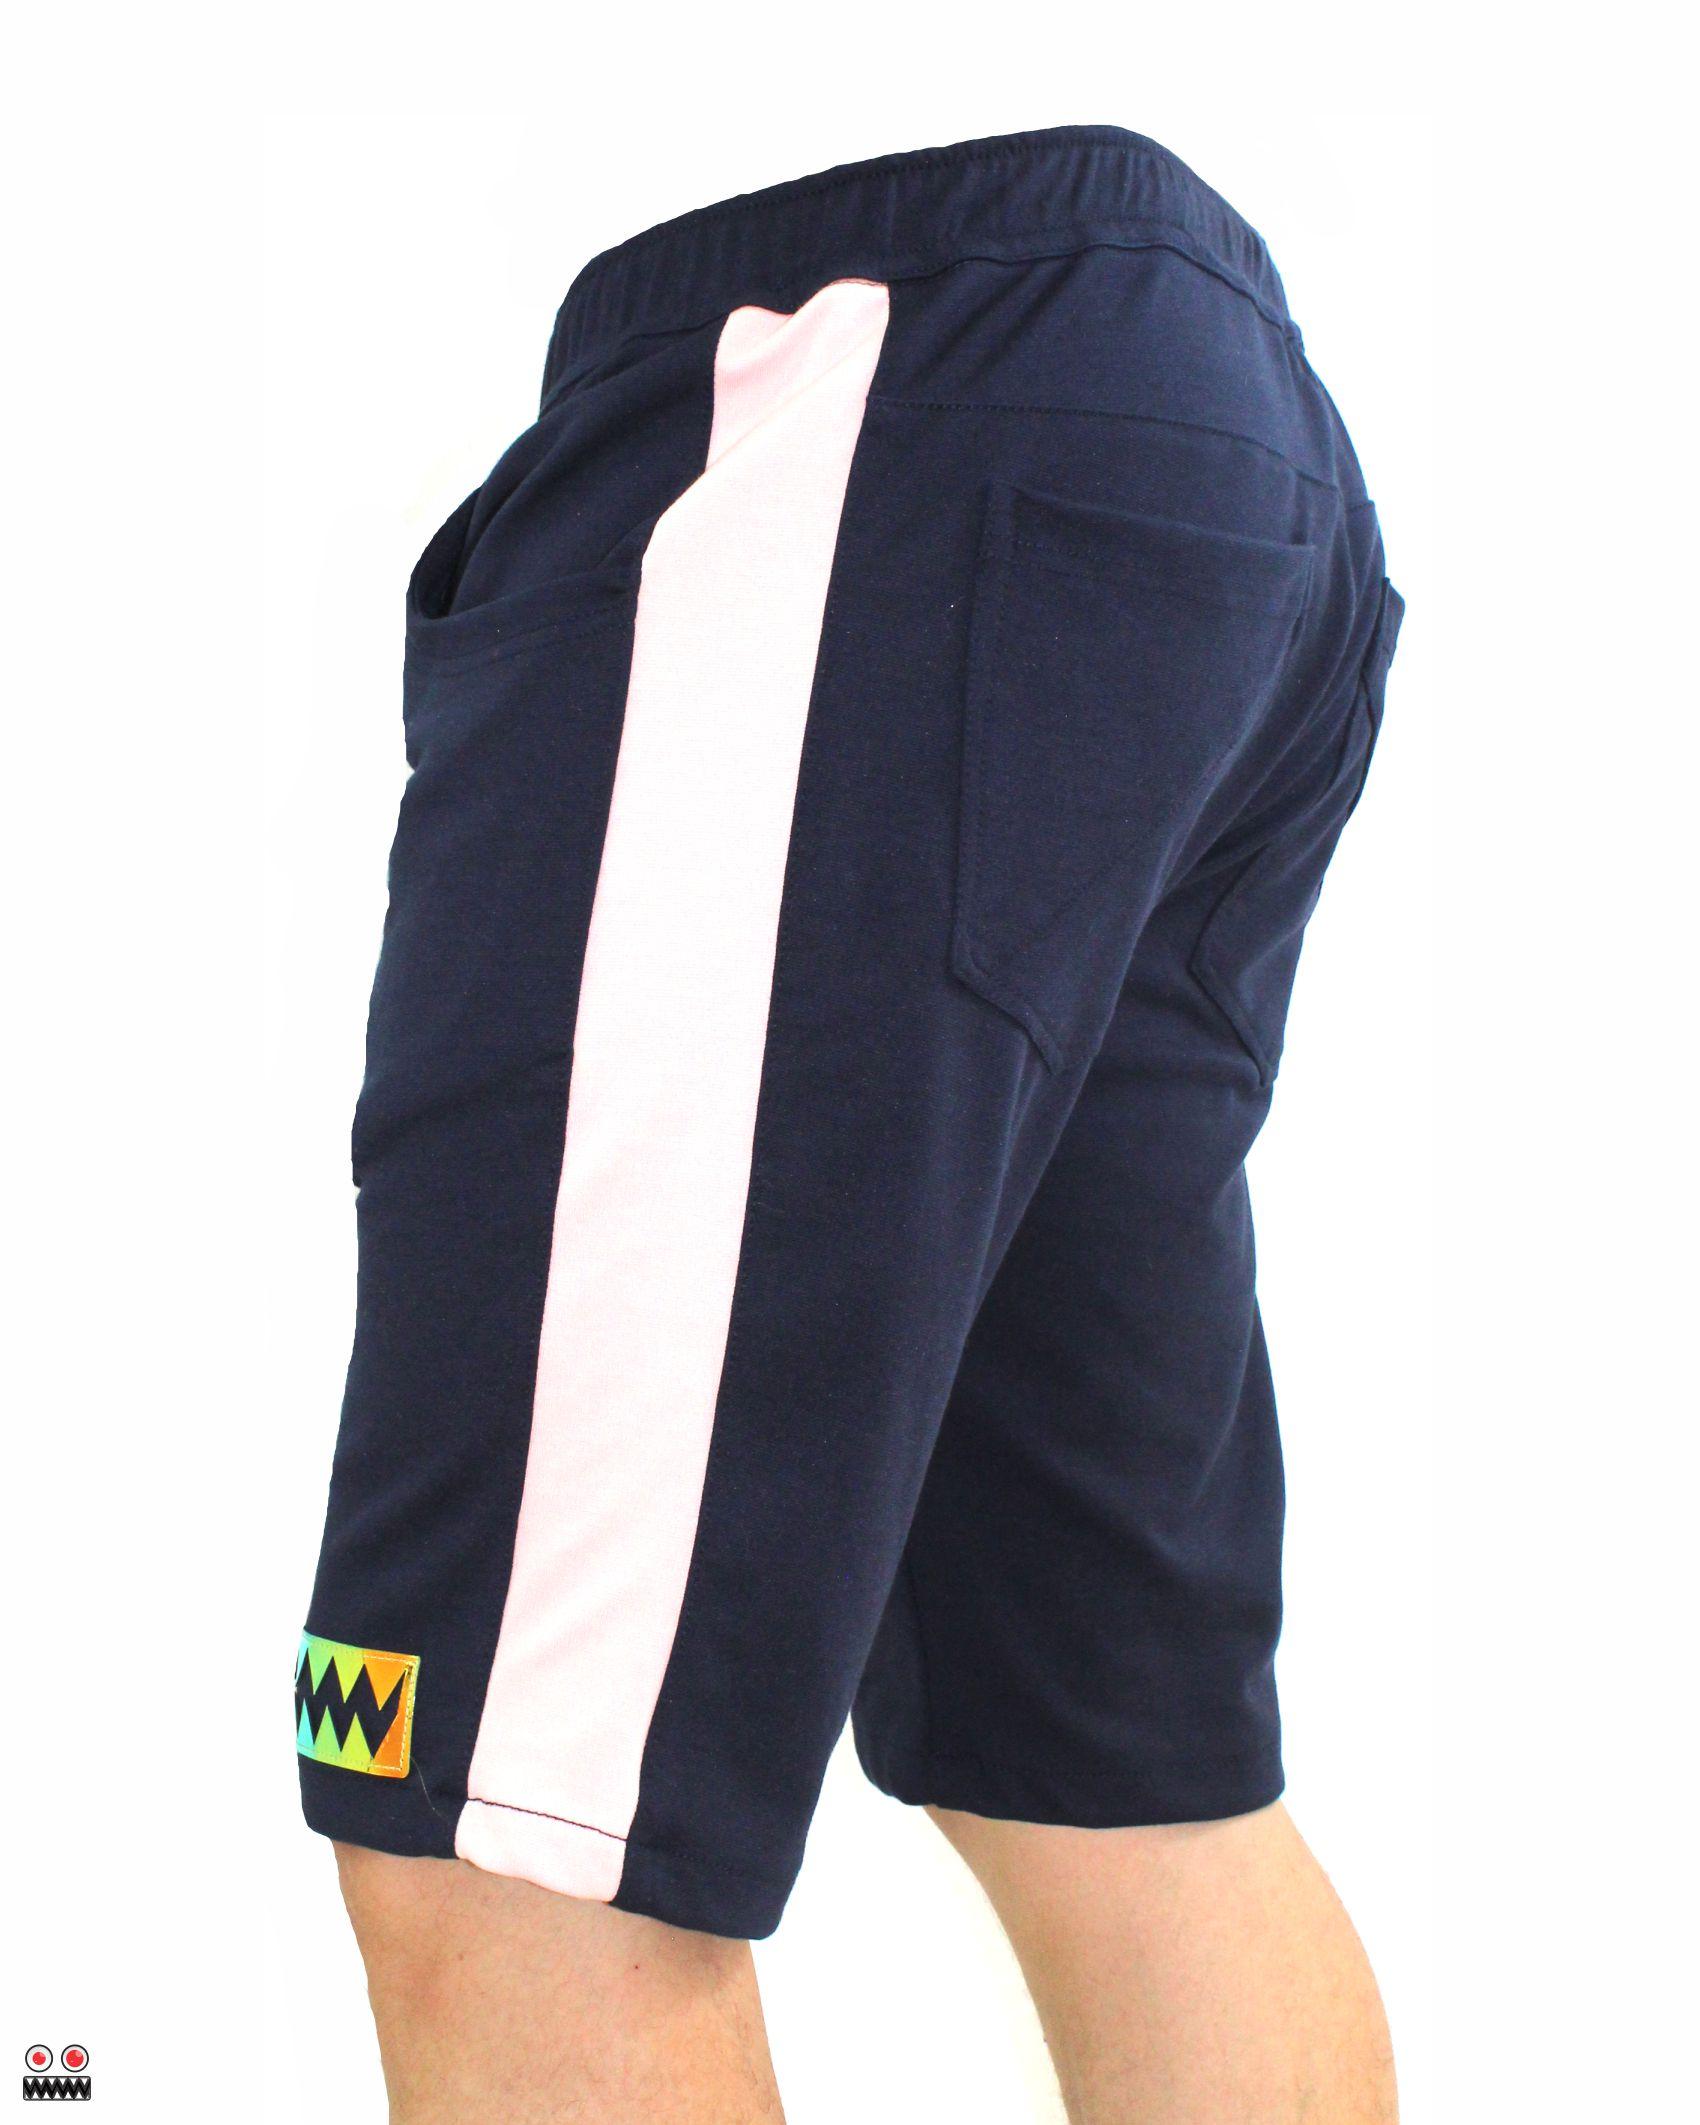 ref 1697 2 bermuda jogger azul oscuro golden, tela burda jogger en 98% algodon + 2% expande tallas 28 30 32 34 36 38 $52.000